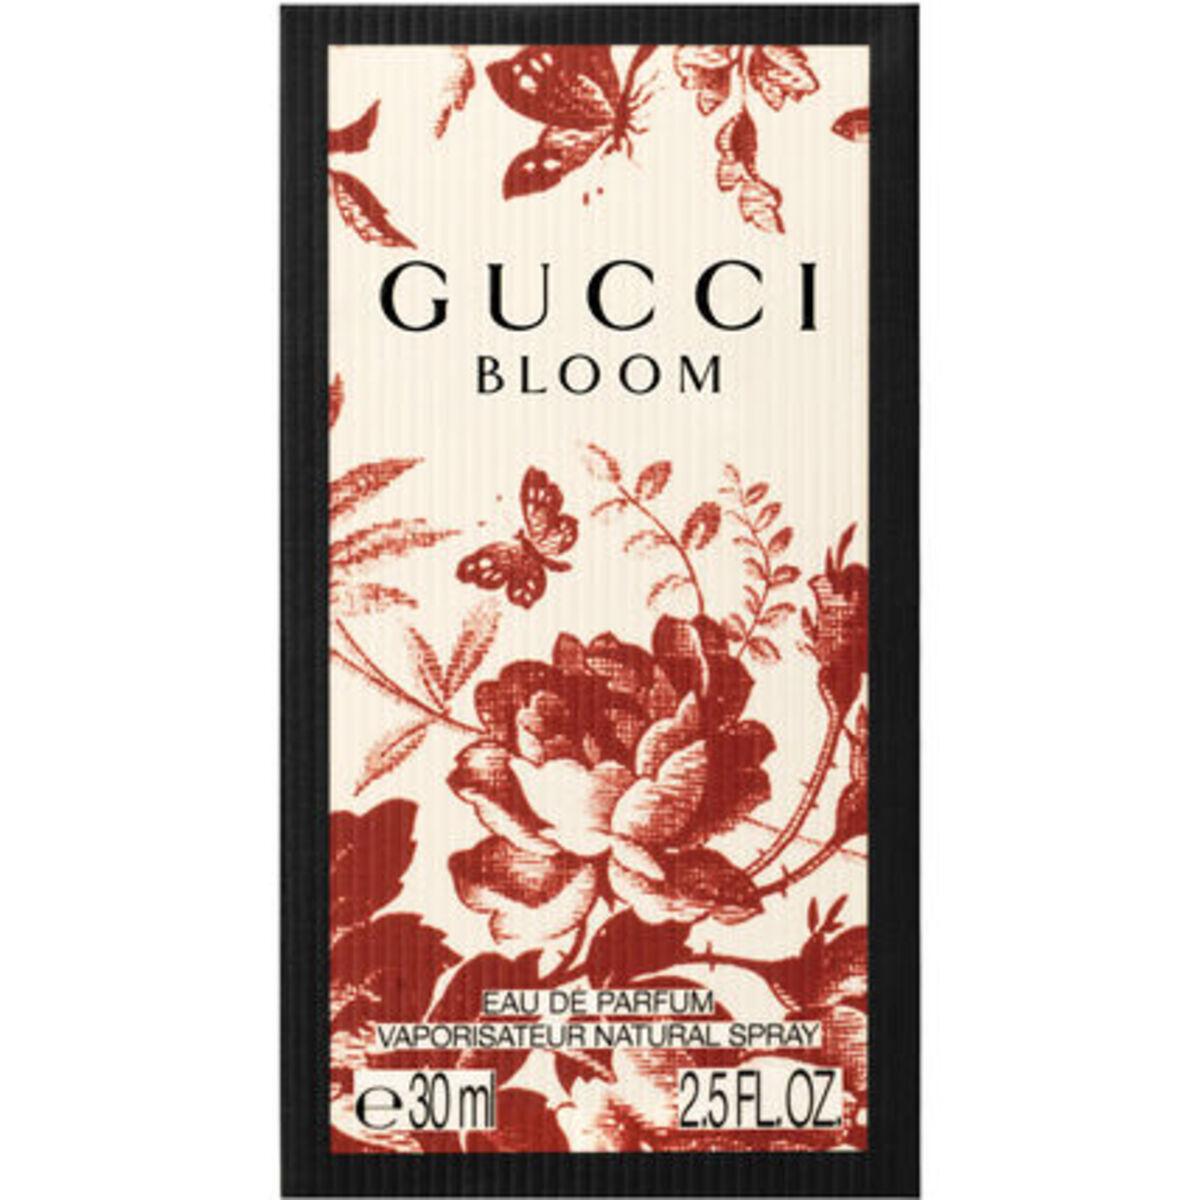 Bild 2 von Gucci Bloom, Eau de Parfum, 30 ml